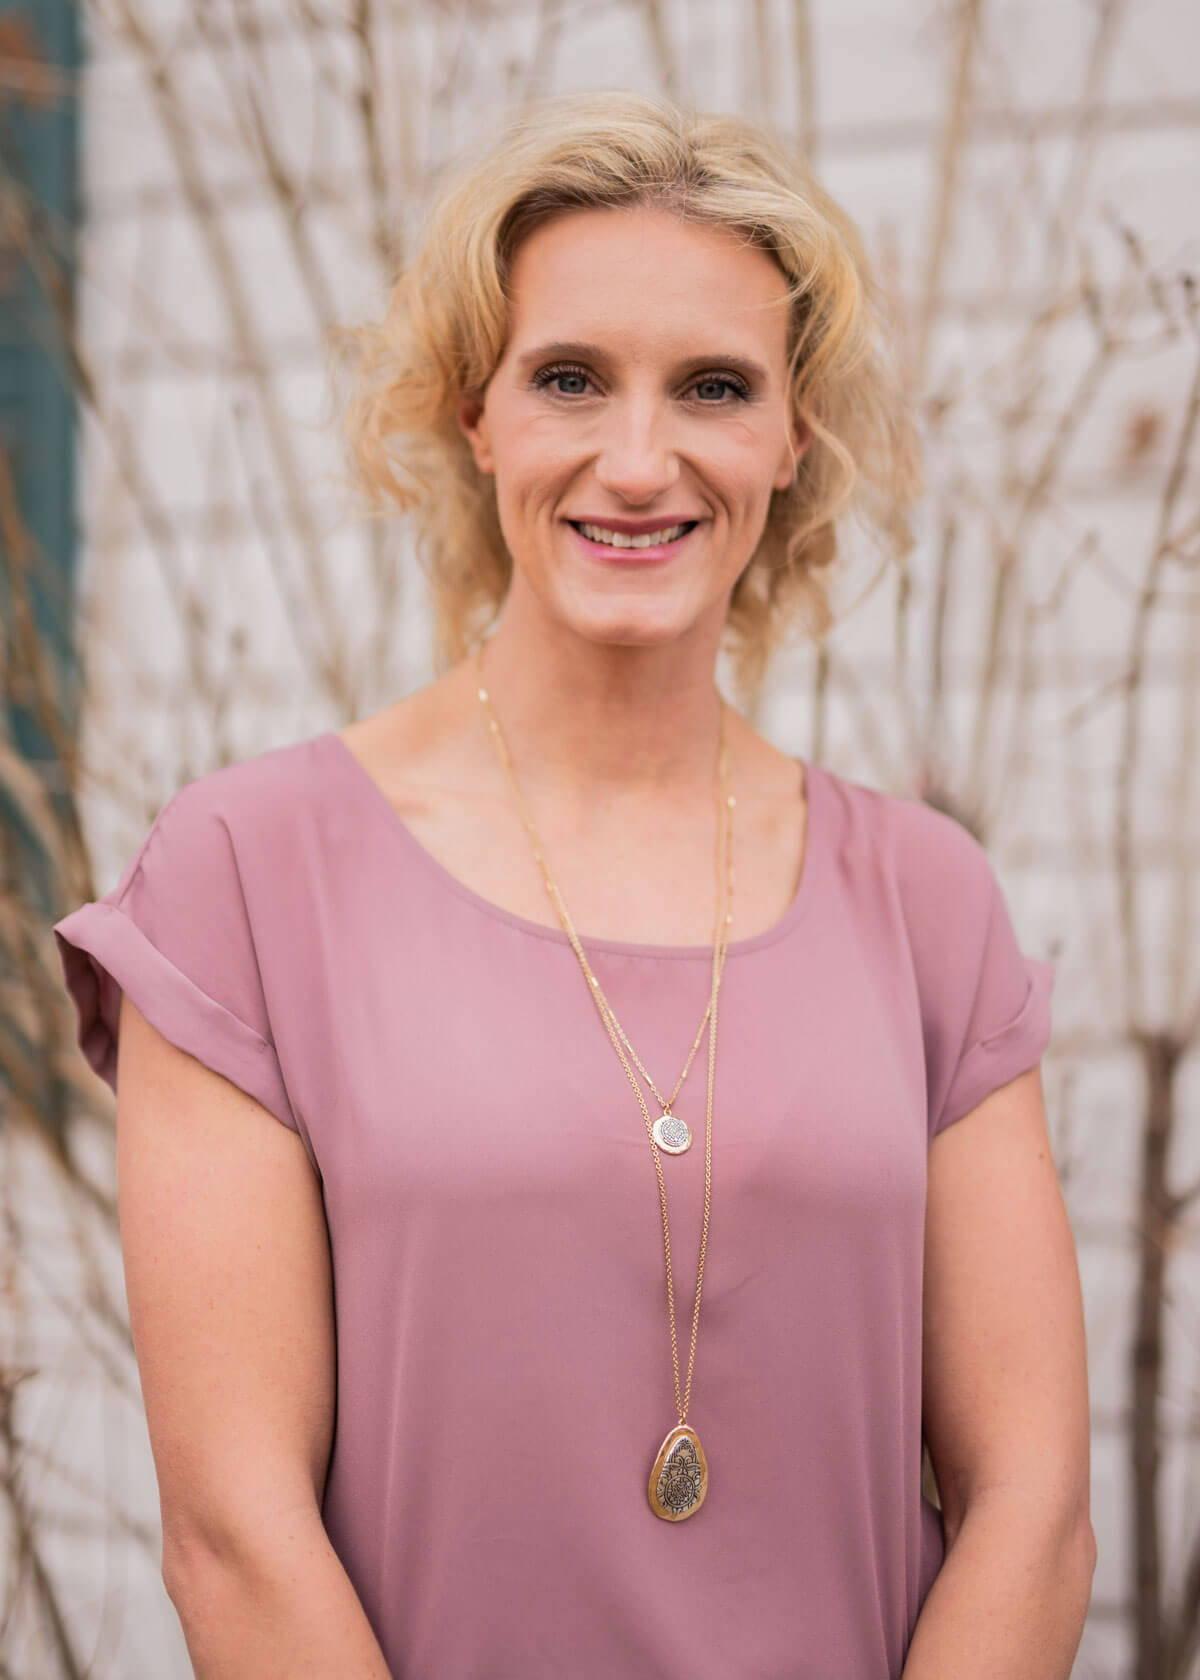 Megan Clowers - Oriental Medicine Doctor